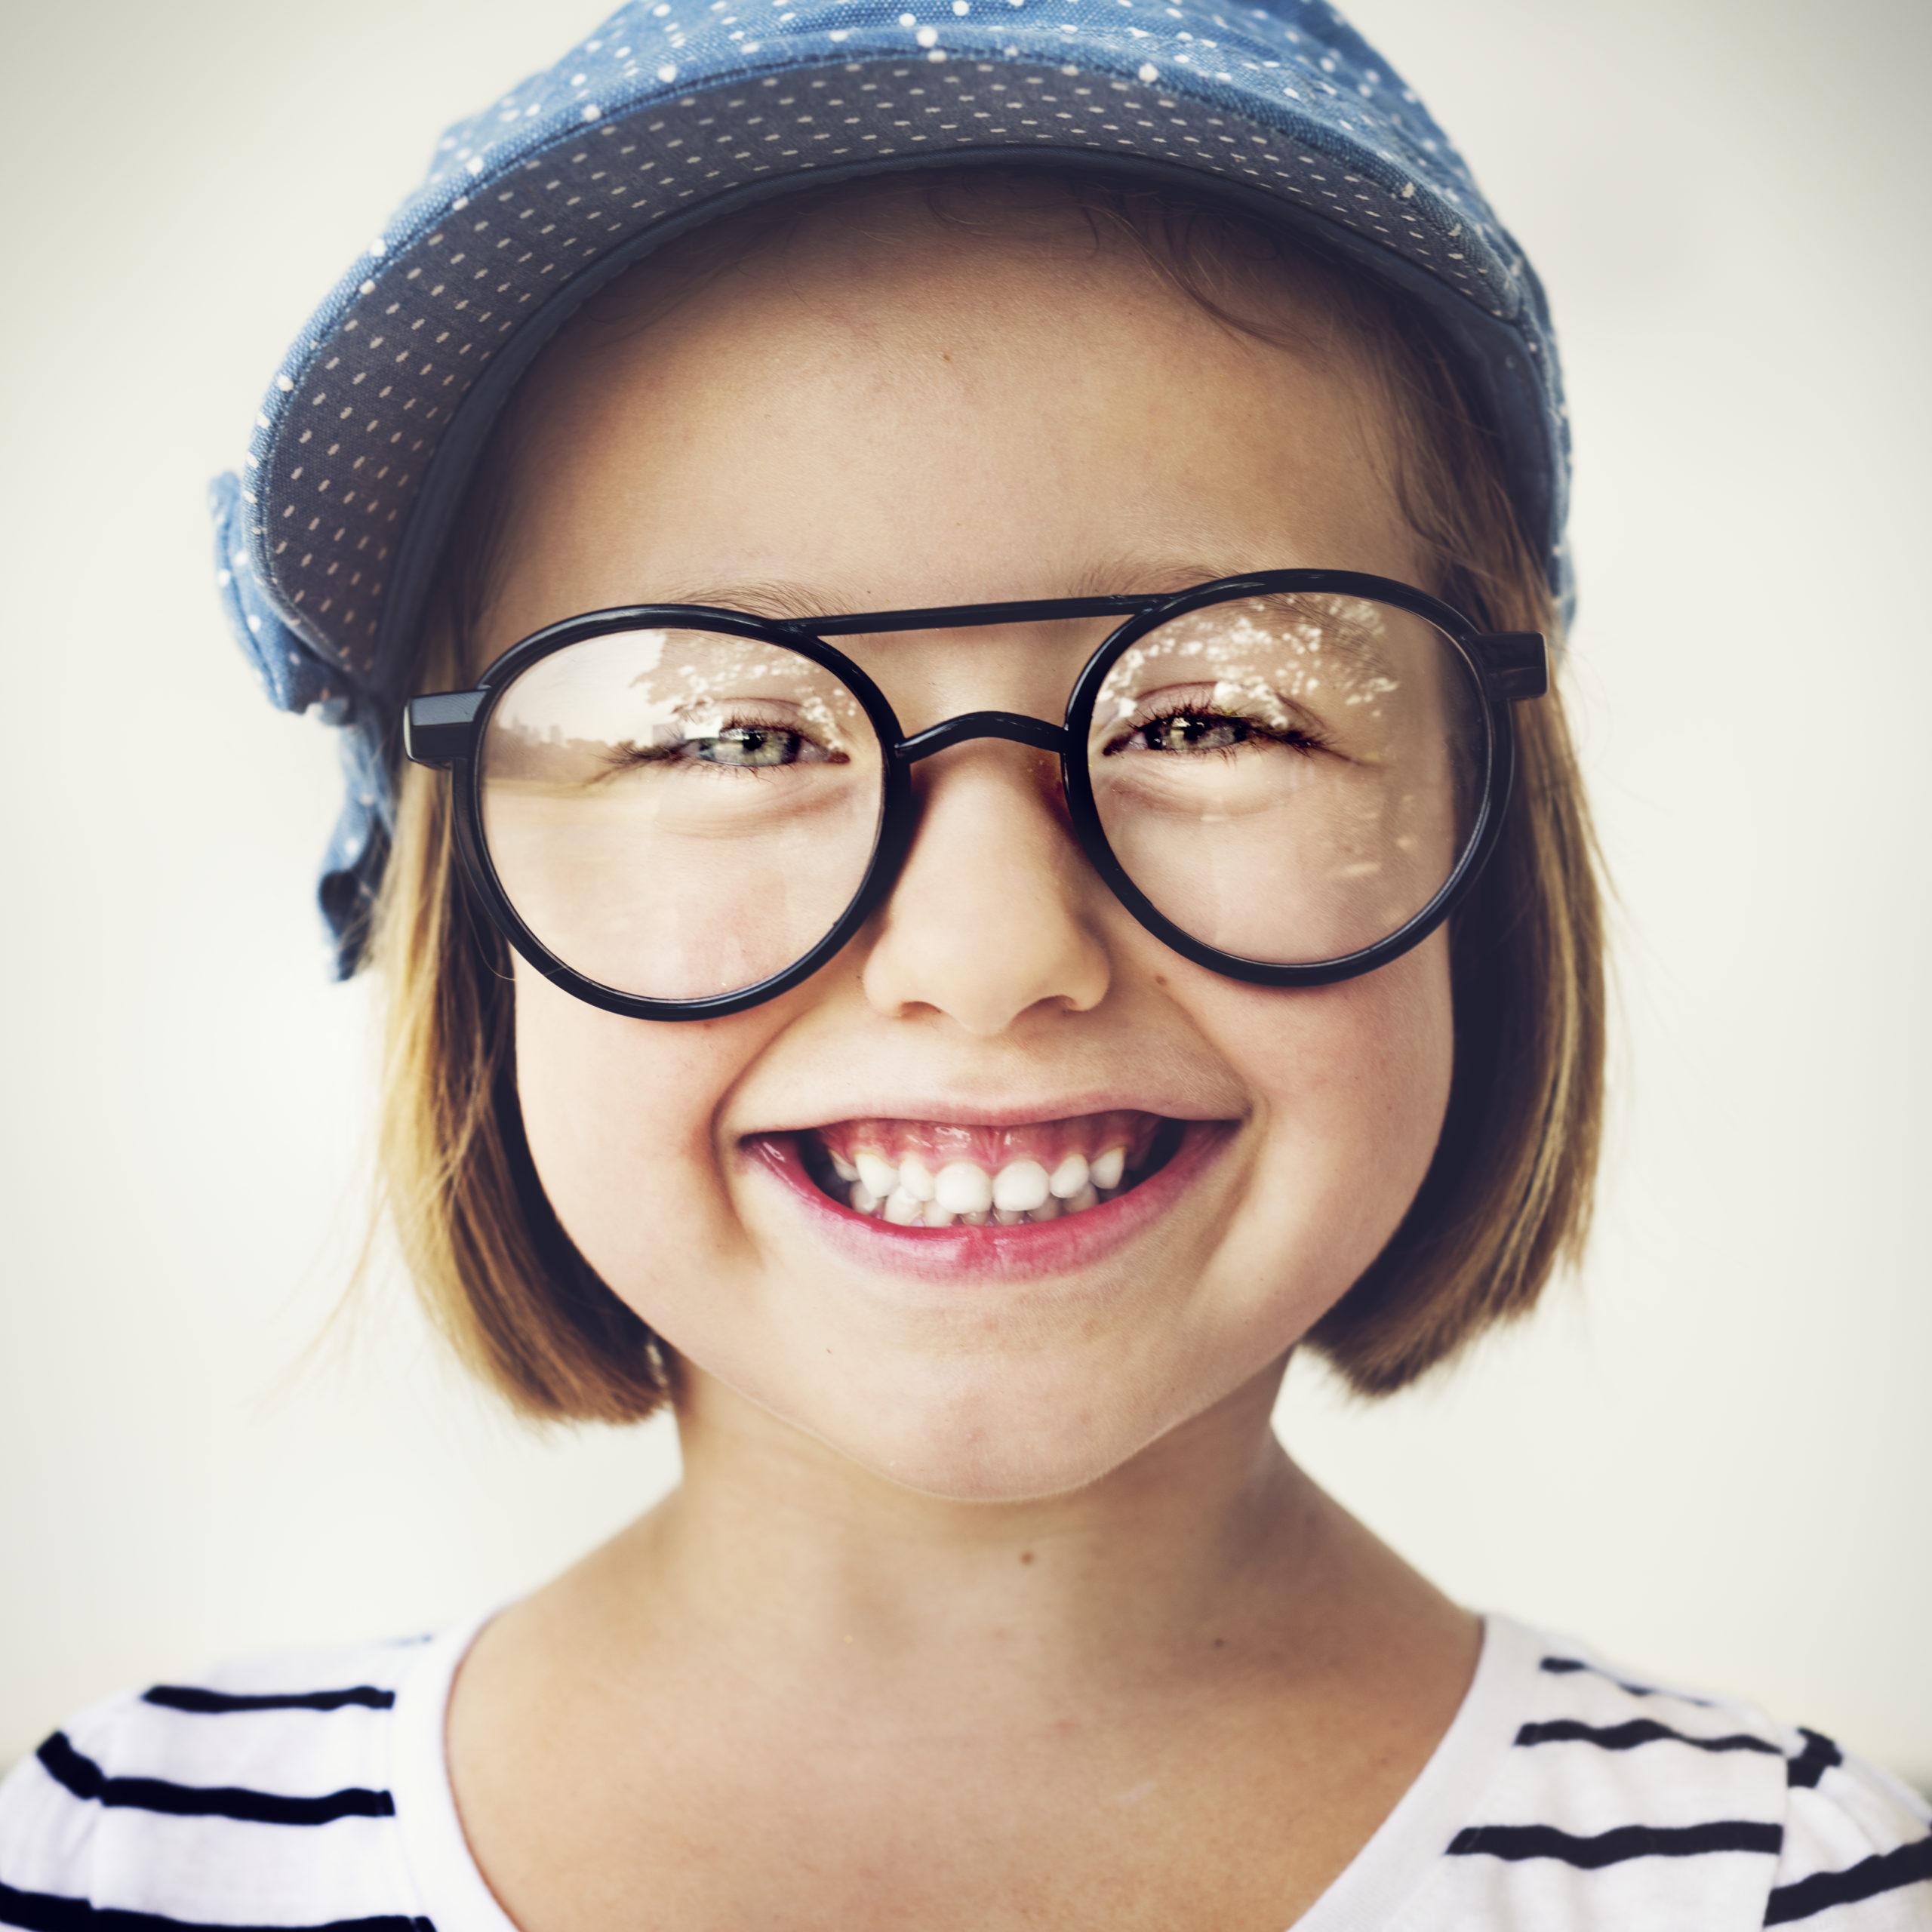 EyeGlasses for Kids @ Klarec.com®